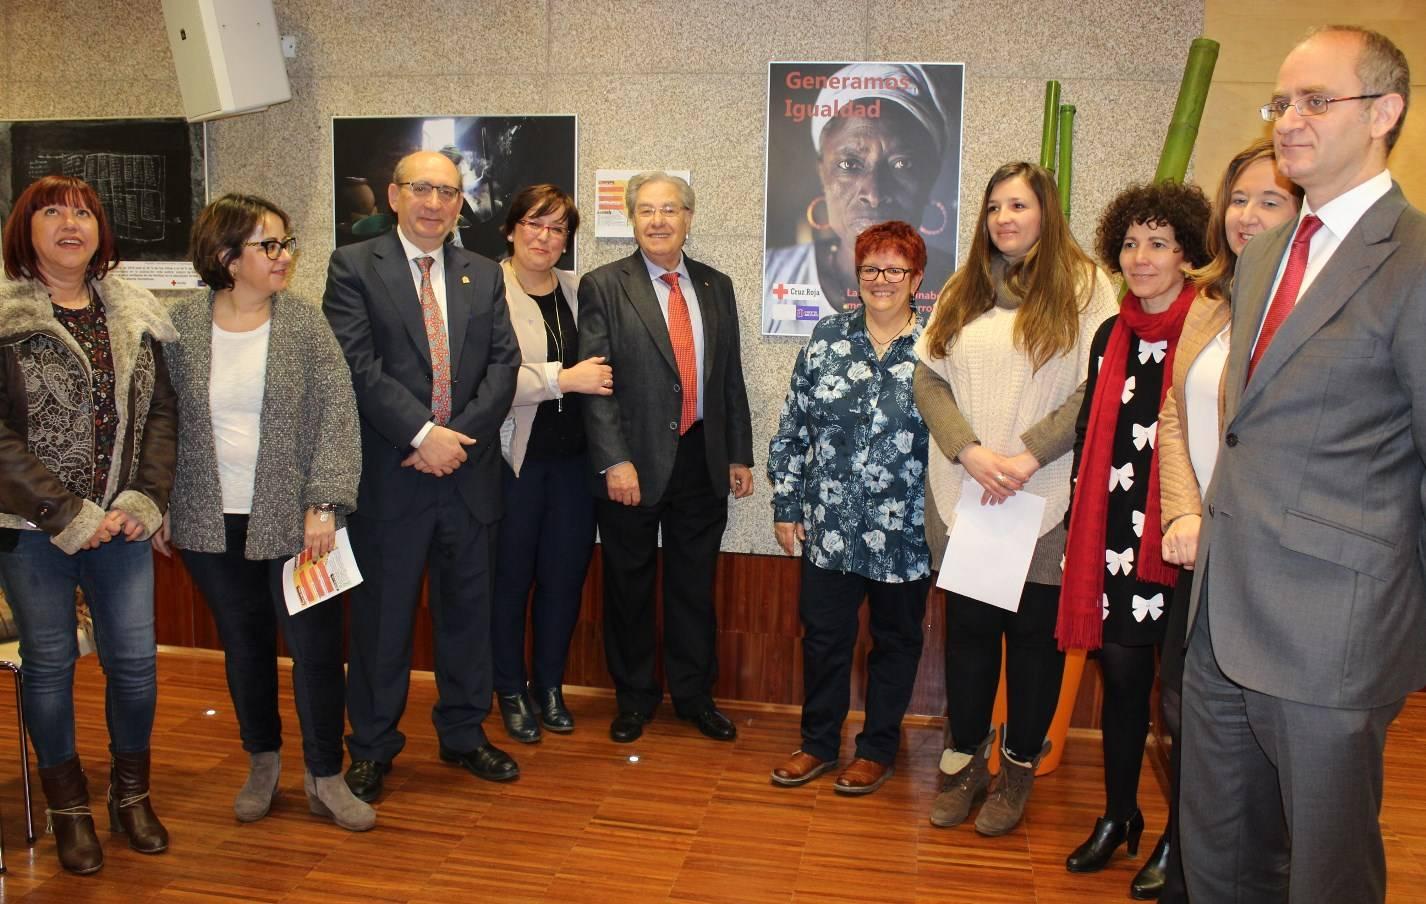 """Carmen Olmedo Exposicion Cruz Roja - Inauguración de la exposición """"Generamos Igualdad"""" con la que Cruz Roja"""